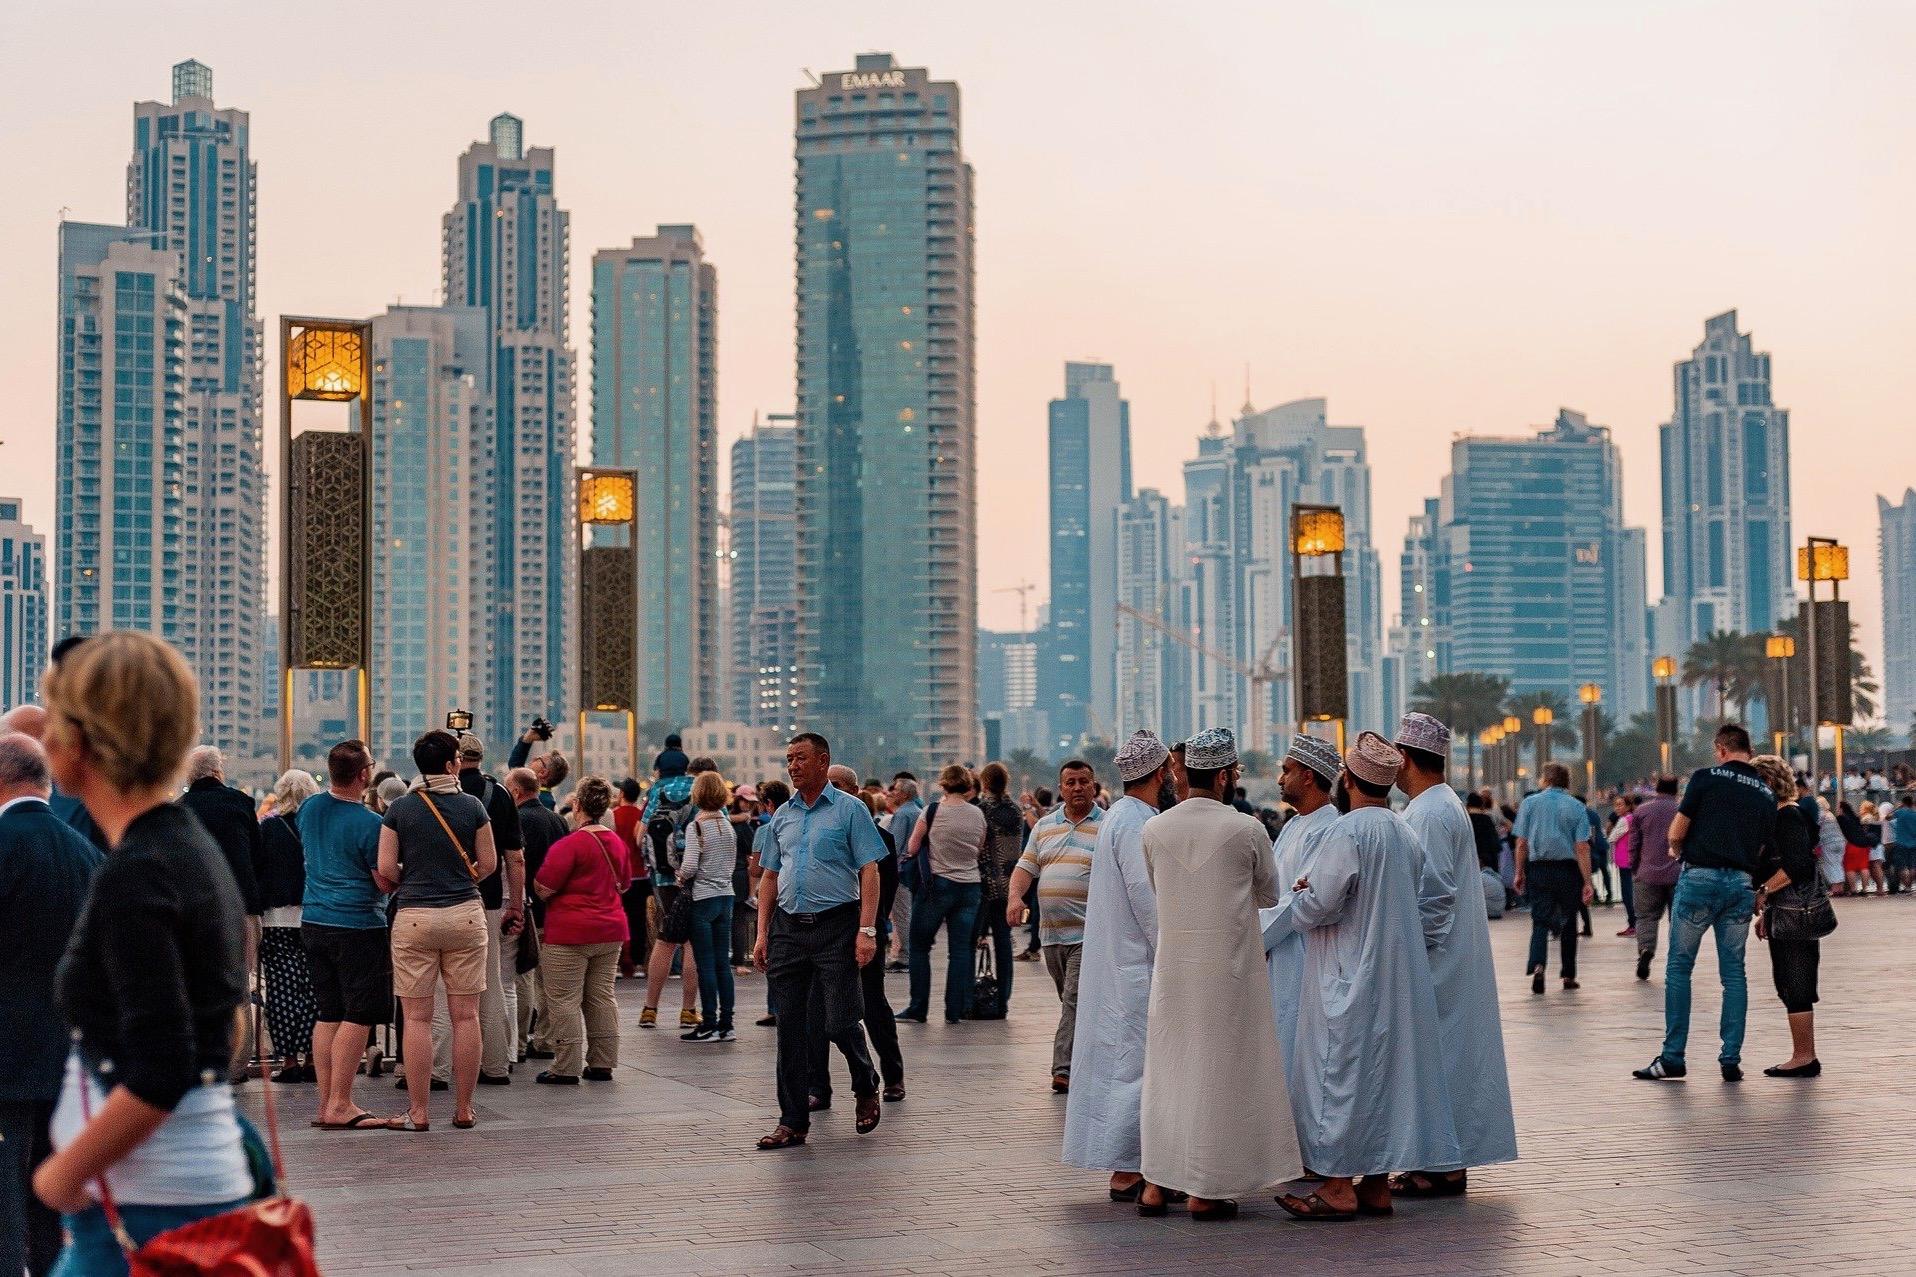 Geheimnisvolle Szene in den Vereinigten Arabischen Emiraten